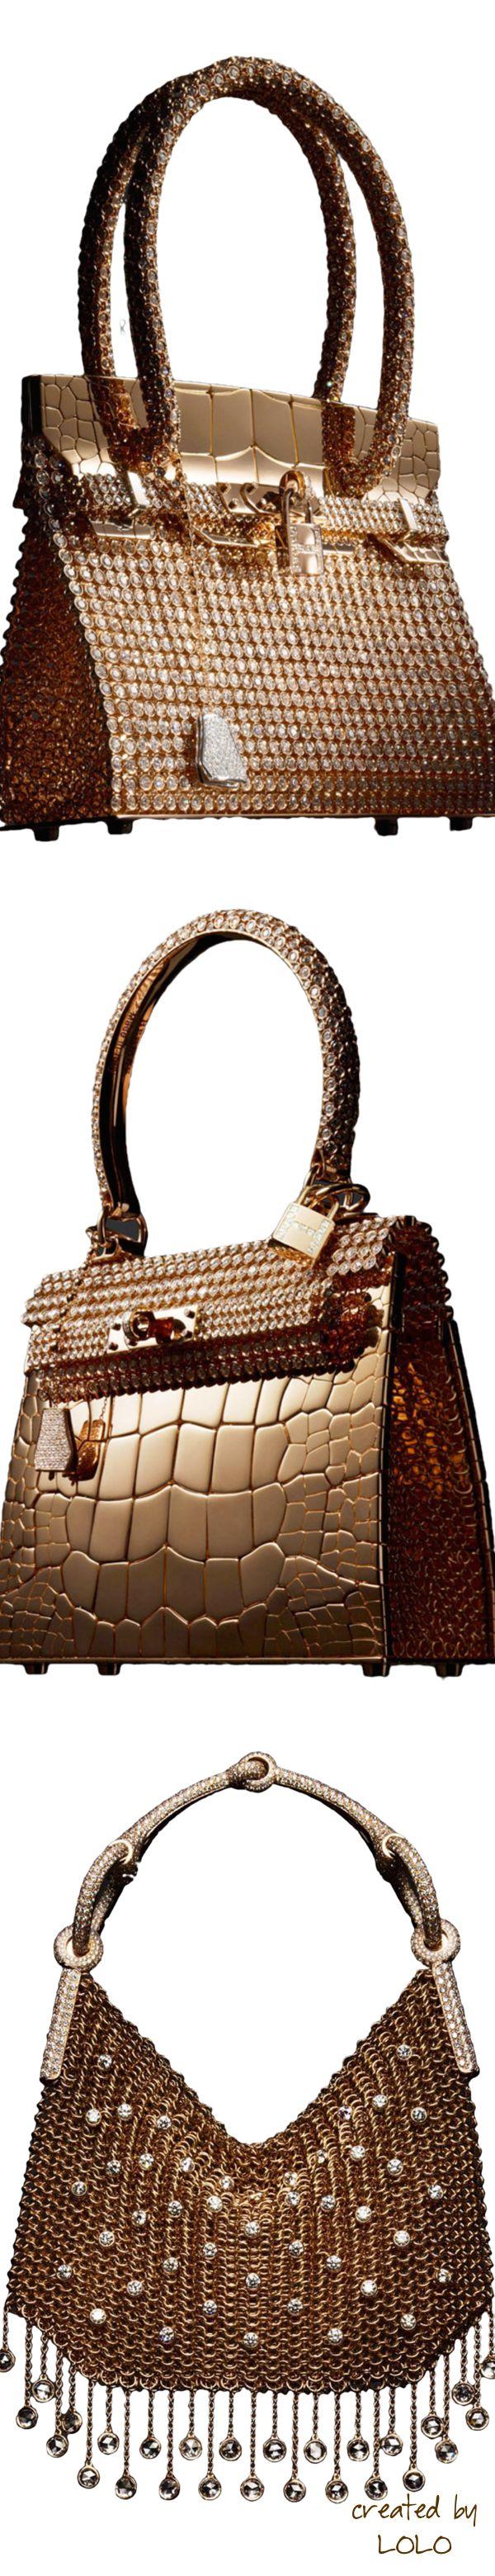 Hermès Birkin sac-bijou .~Hermès Kelly Sac-Bijou~Hermès Nausicaa Sac-Bijou  | LOLO